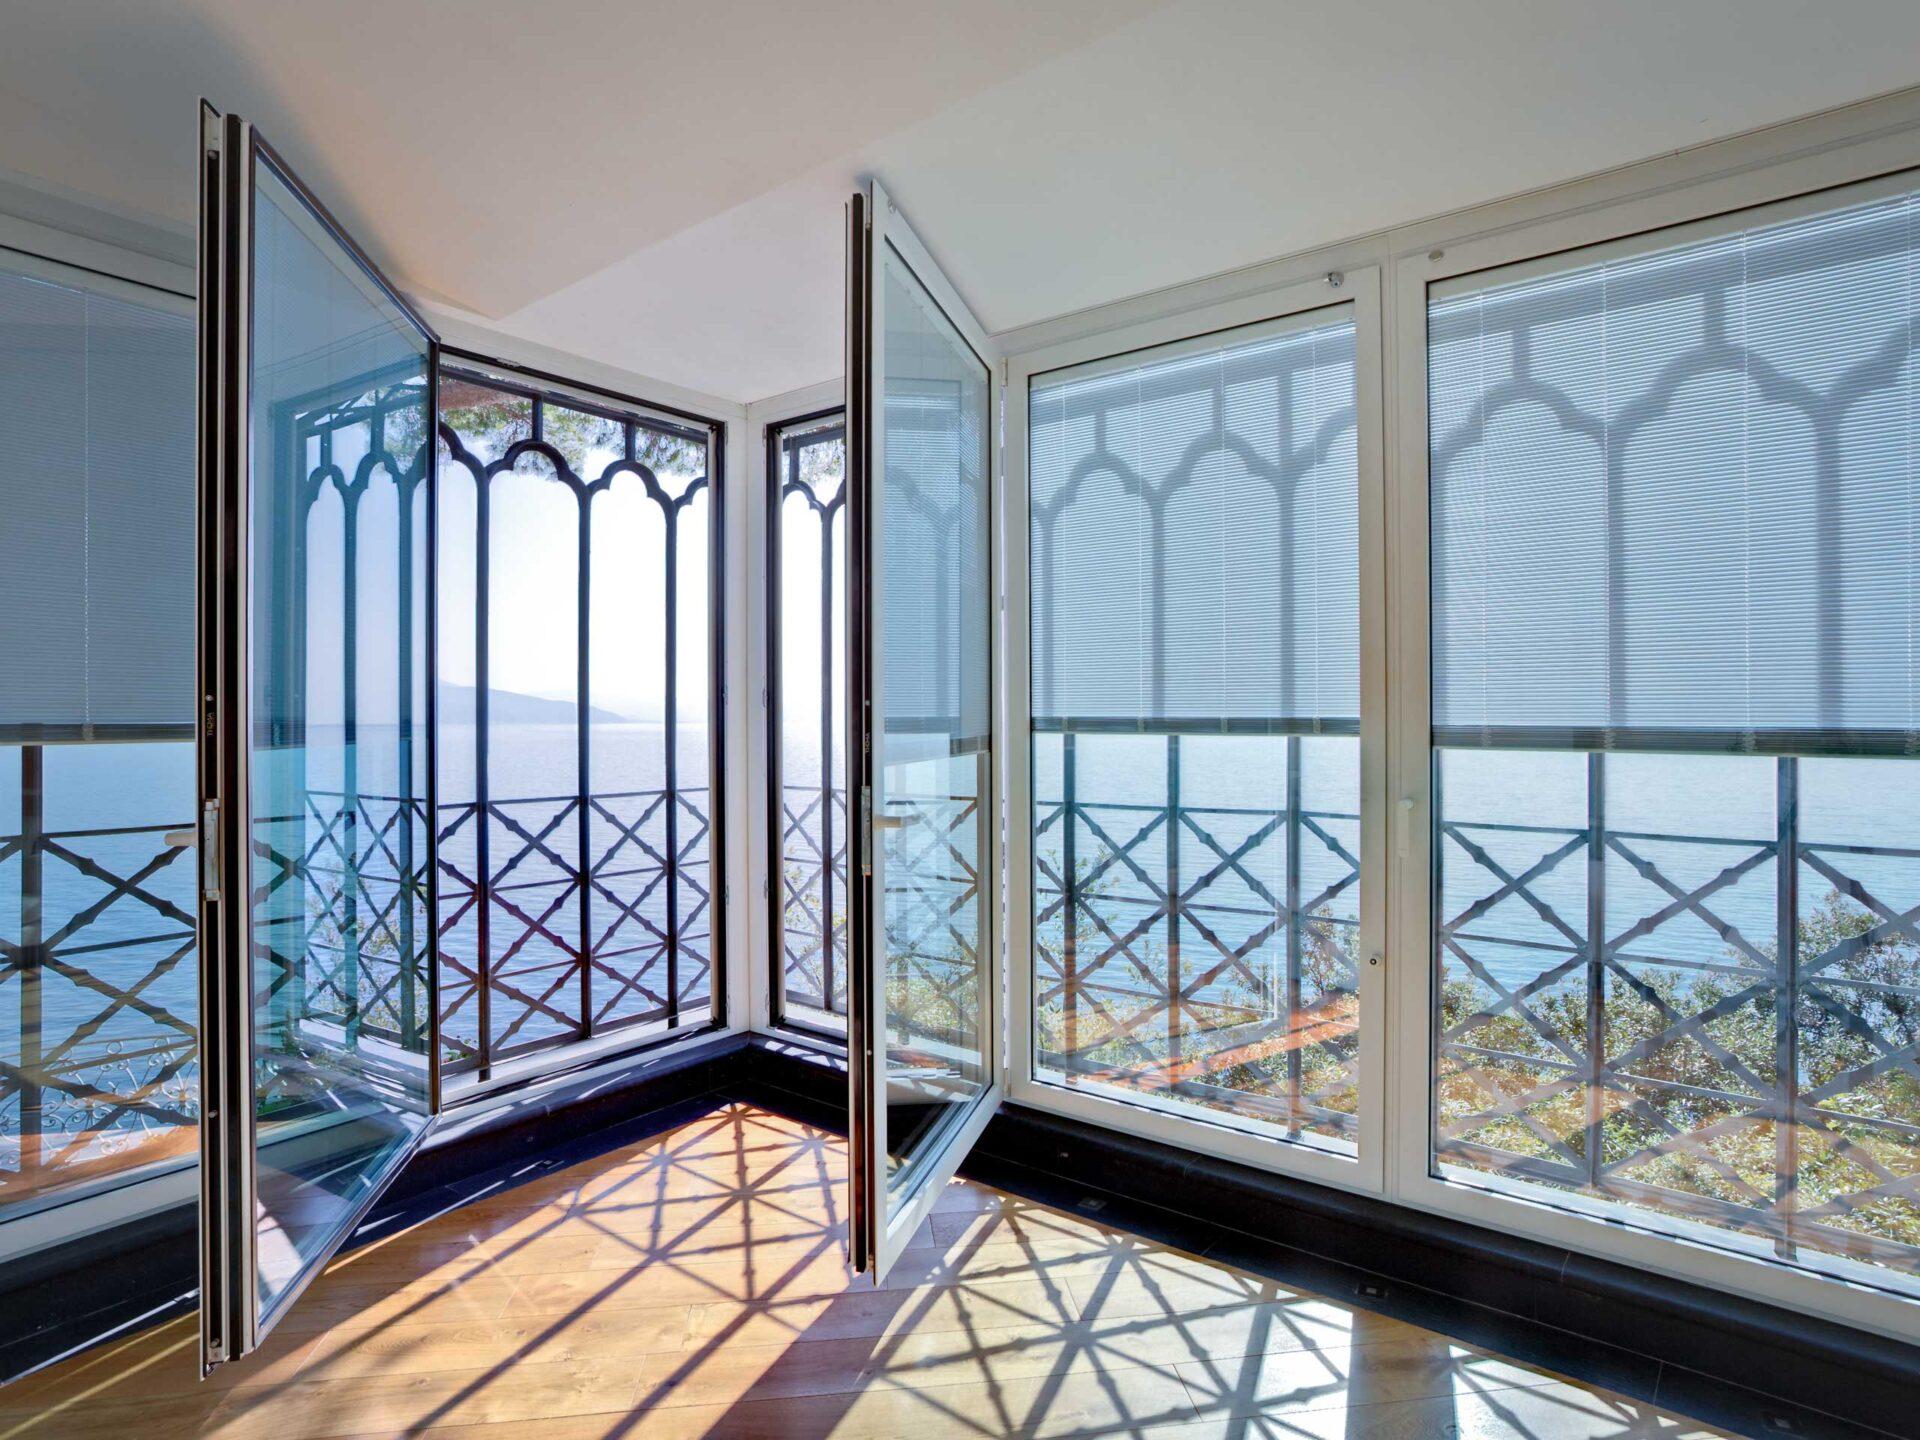 L'ex complesso monastico sopra Portofino si è rinnovato con garbo aprendo le sue porte all'ospitalità. Per il progetto di riconversione Thema ha realizzato la veranda esterna adibita a spazio comune, che rispecchia la magnificenza dello stile dell'edificio.